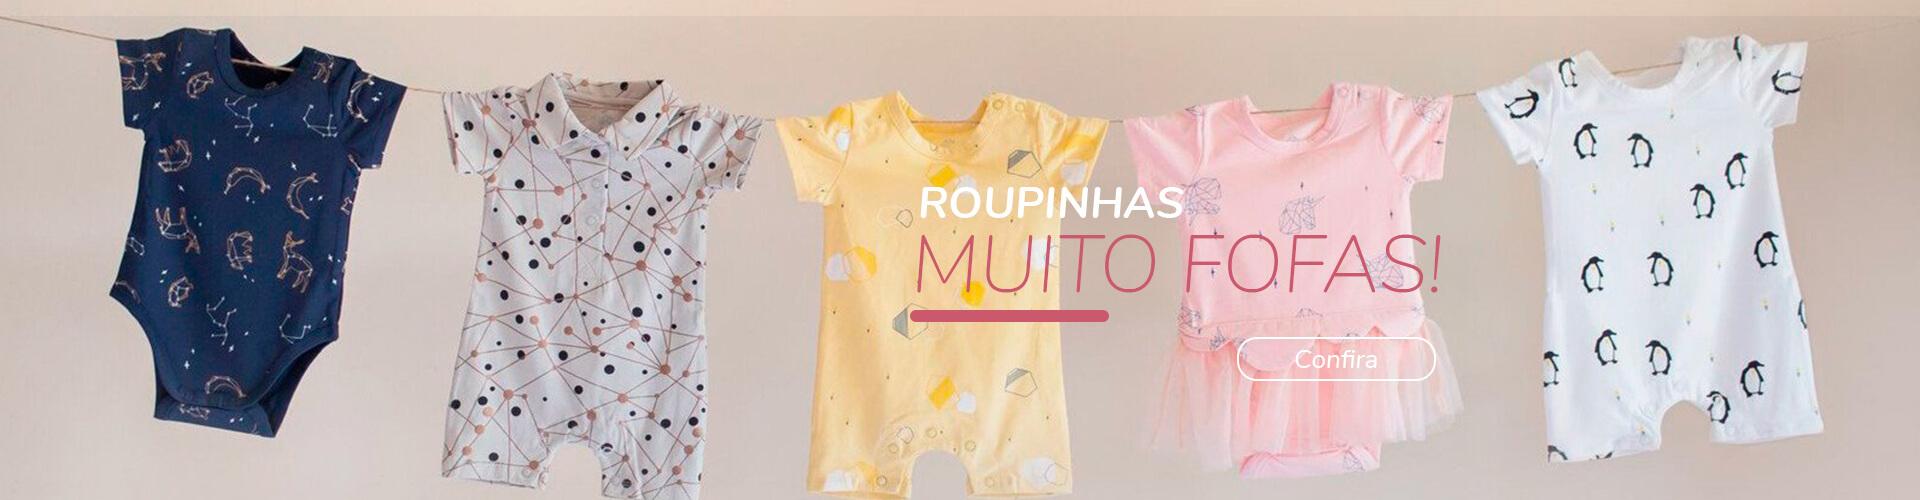 Full Banner: Vestuário